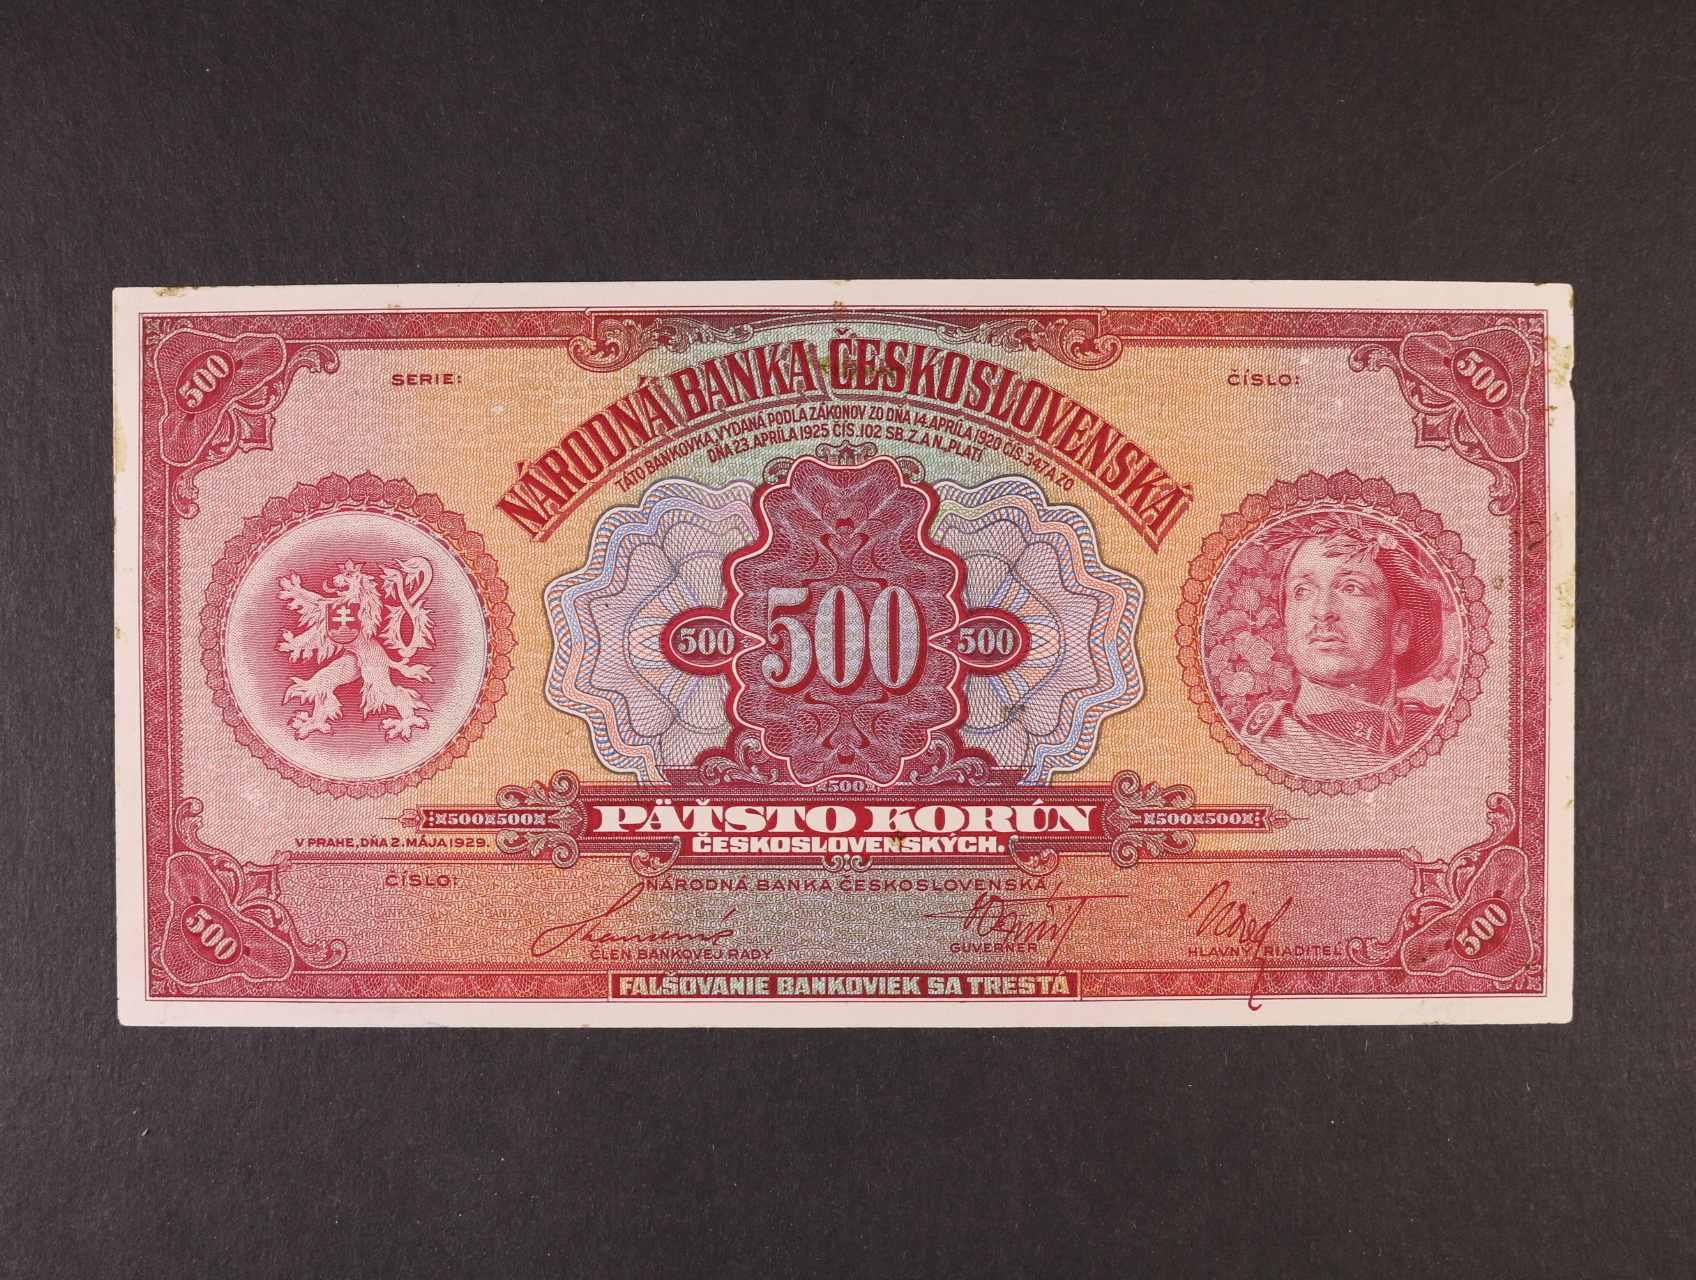 500 Kč 2.5.1929 jednostranný nátisk lícní strany bez série a číslovače, slepeno z kartonu, var.